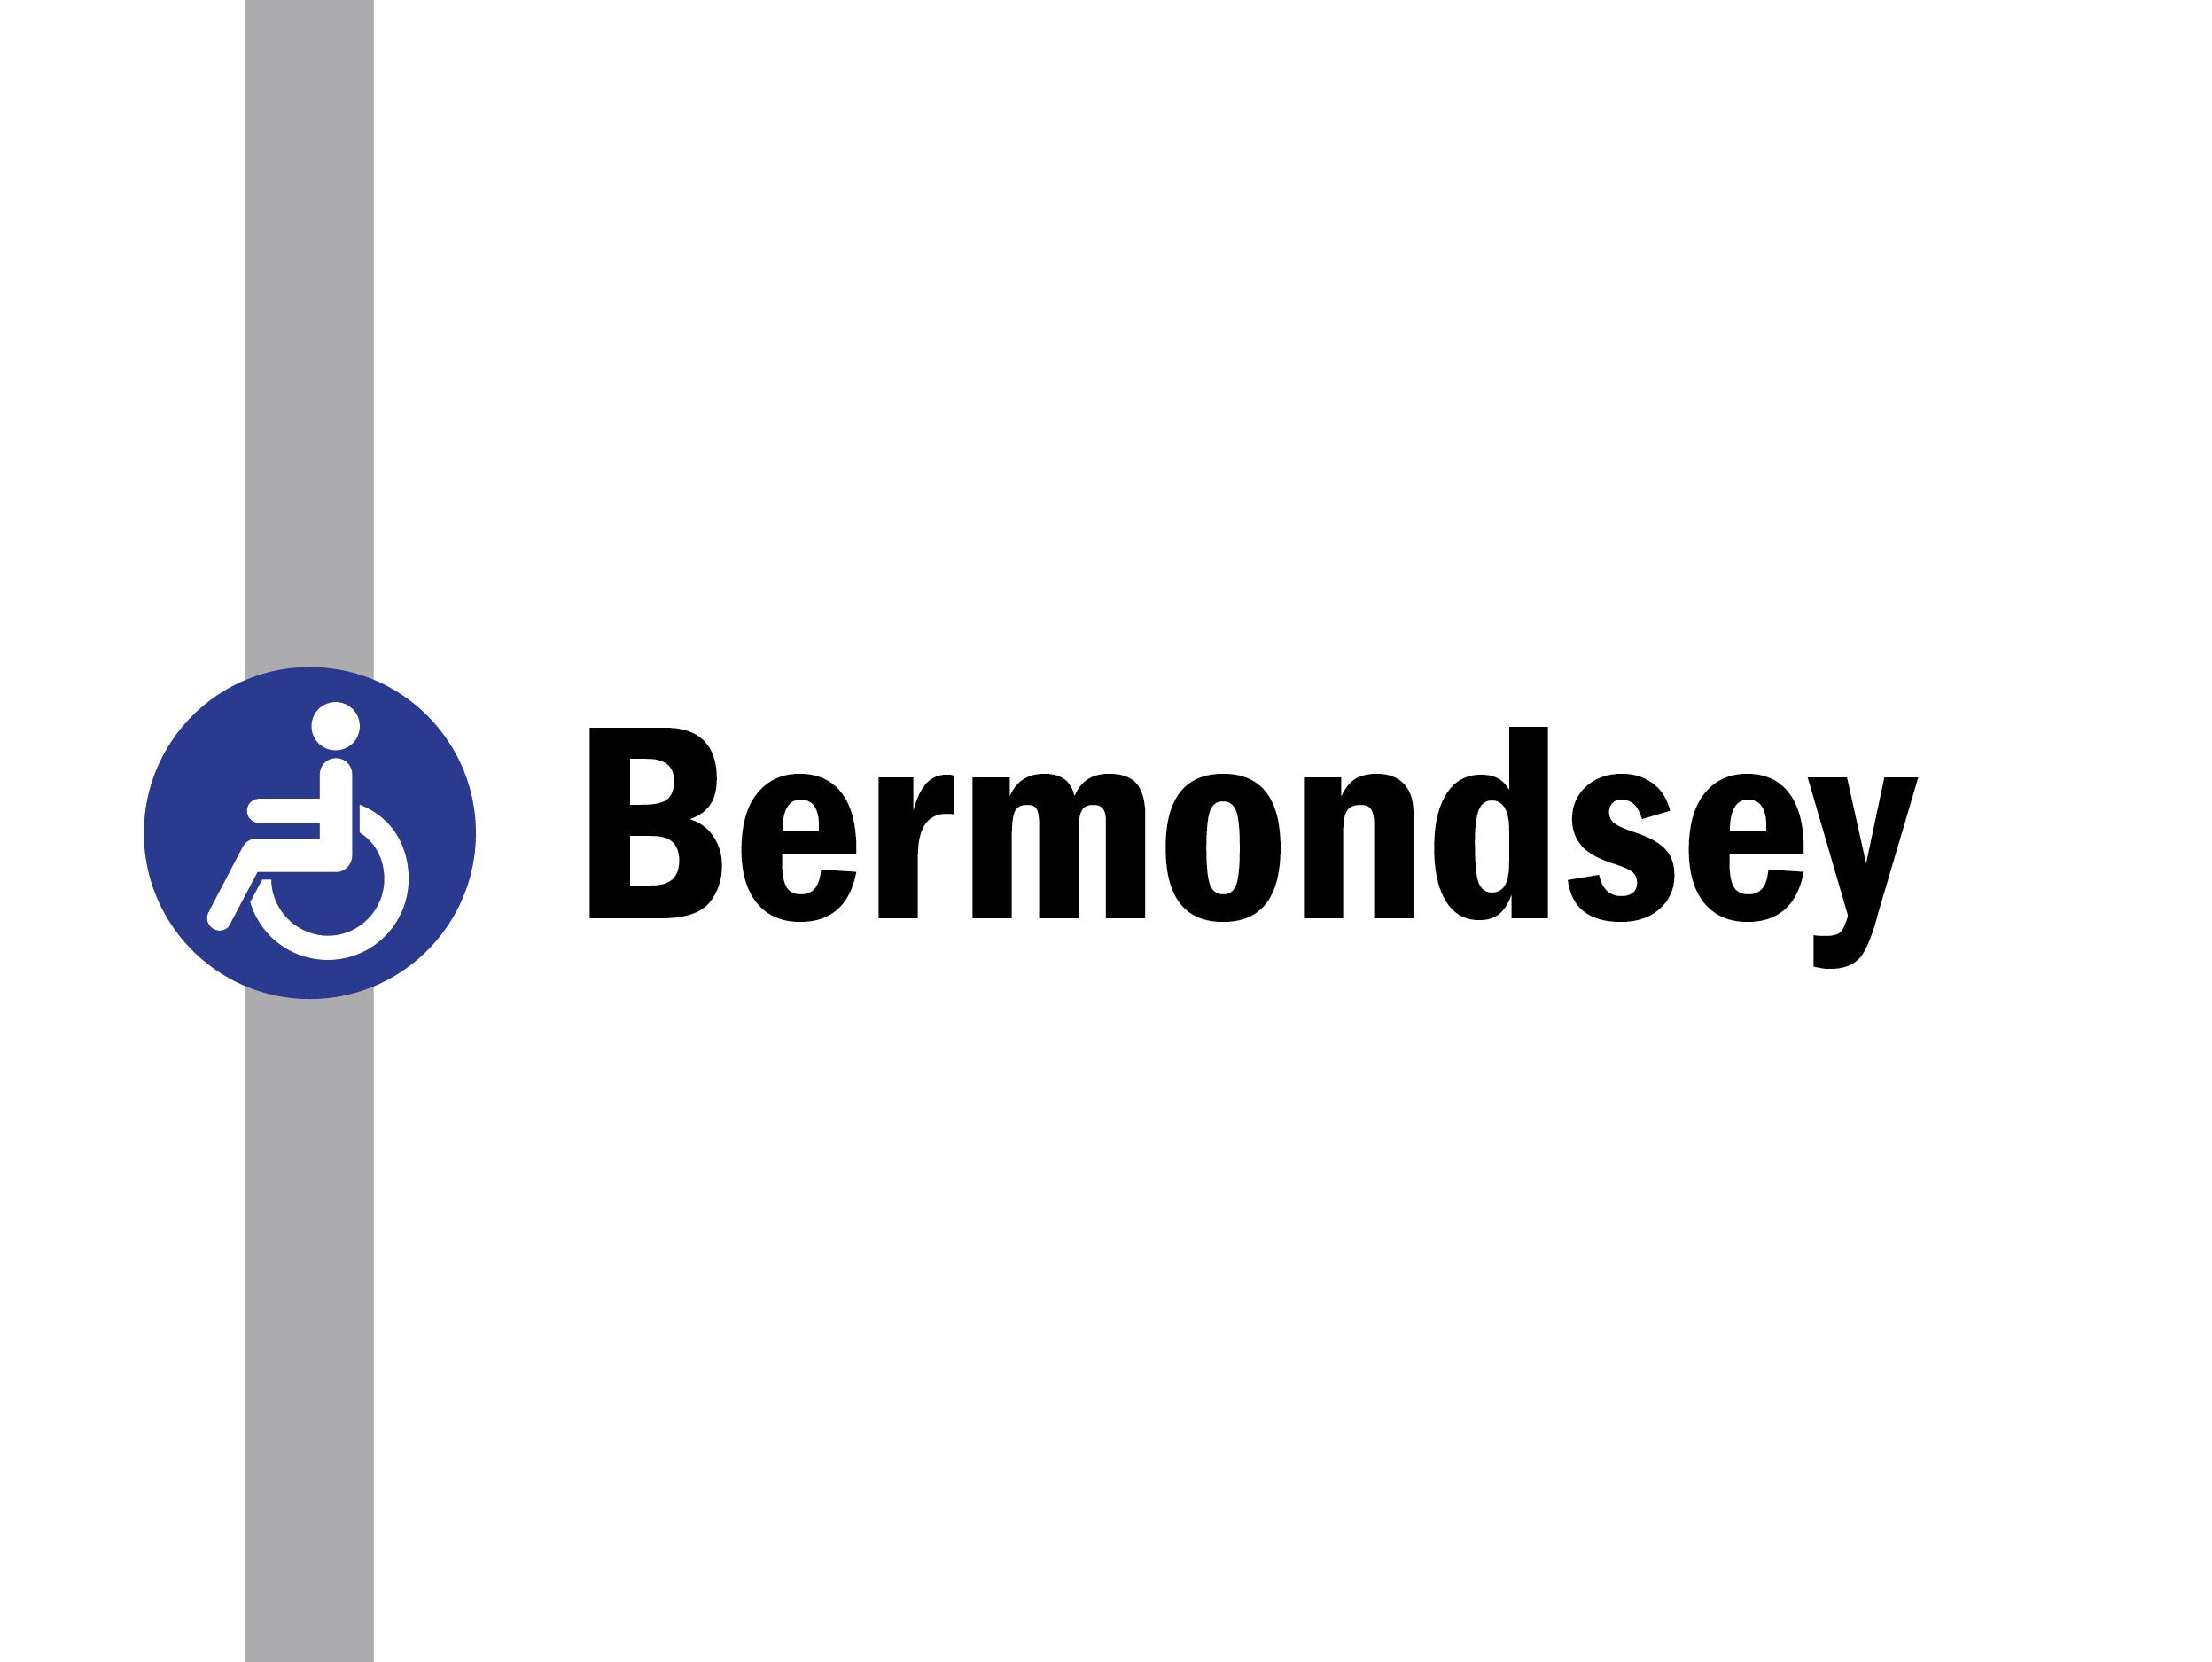 Bermondsey, night tube